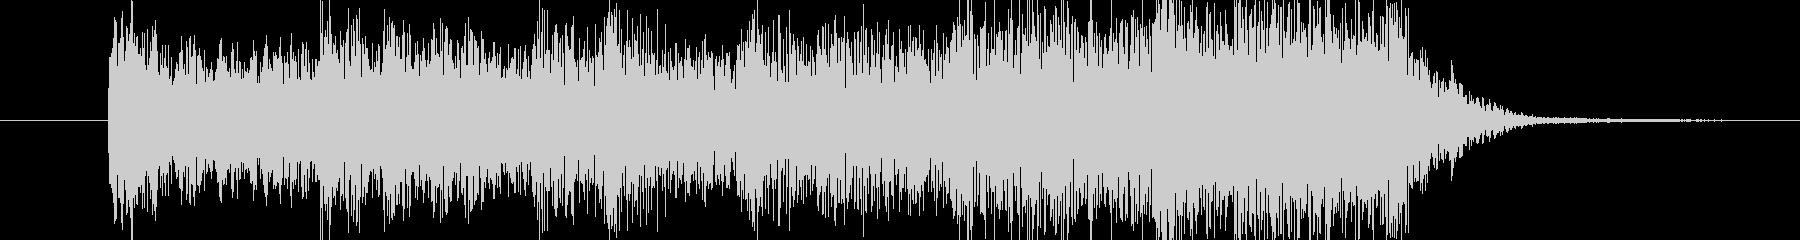 ホラーな破裂音 ロゴサウンドにどうぞの未再生の波形